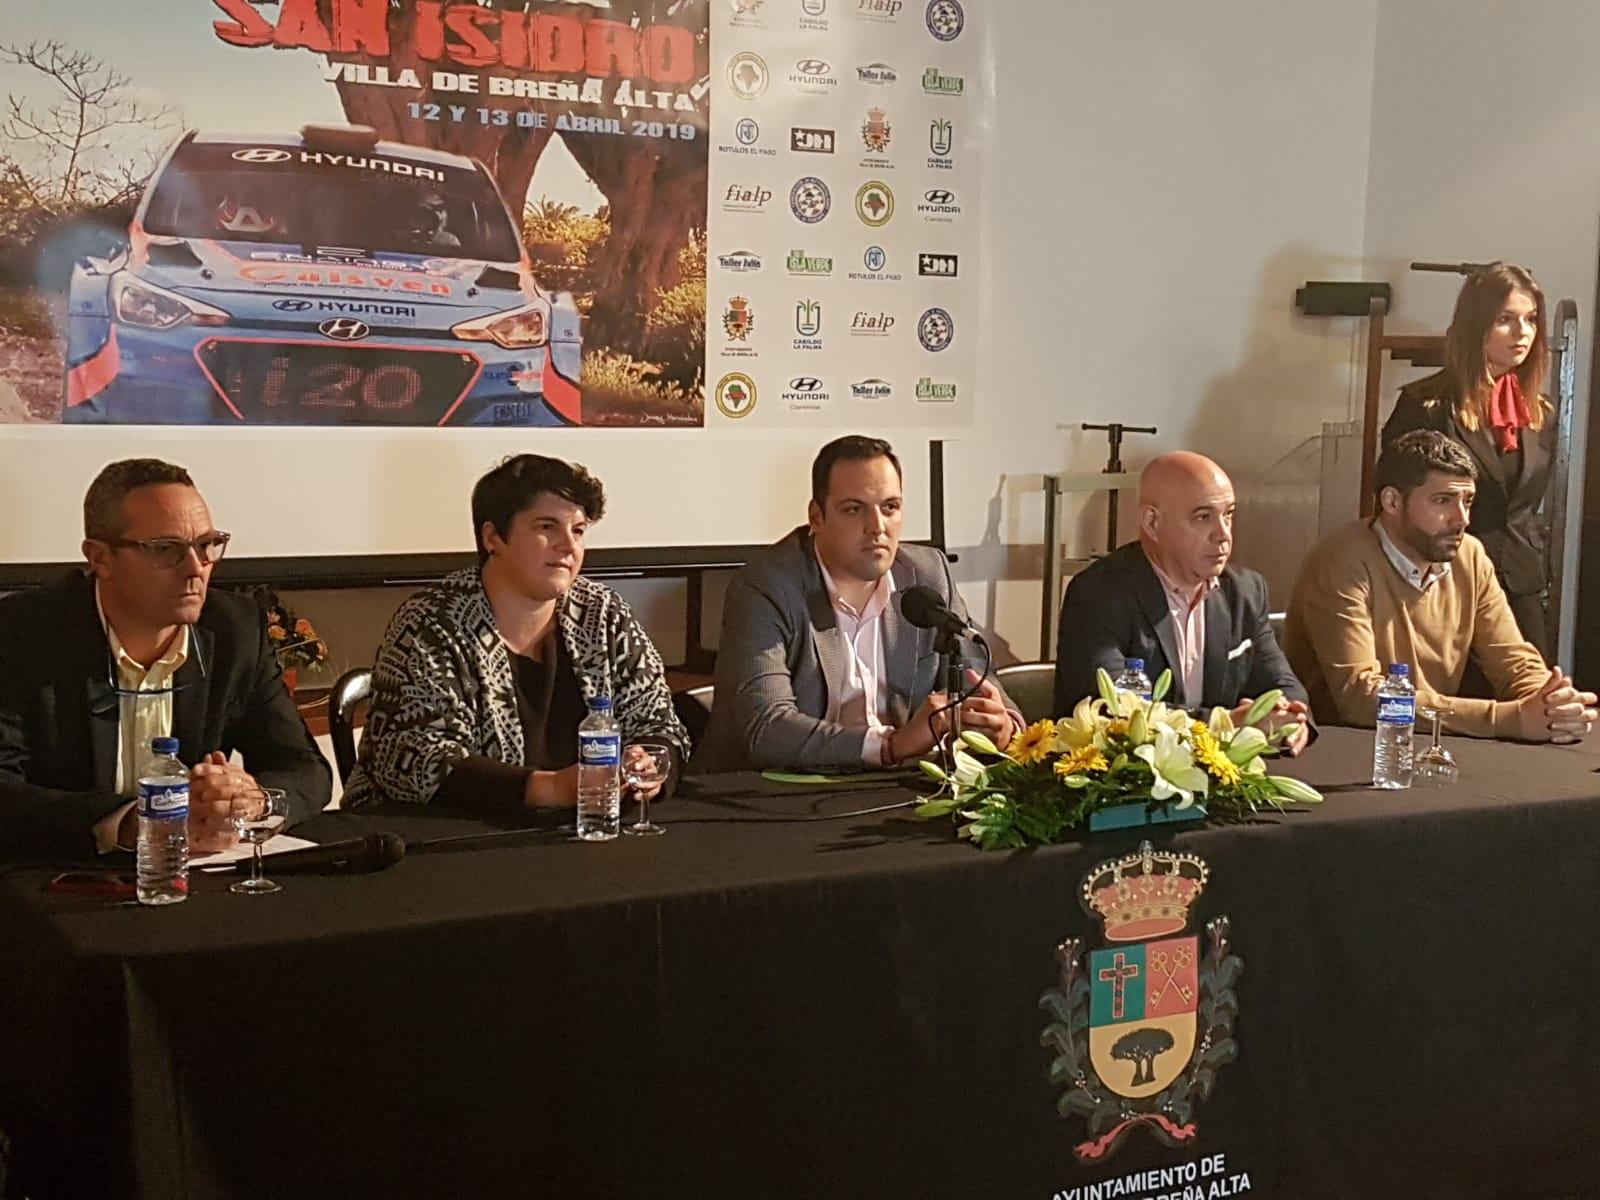 📢 Presentación de la 3º Subida a San Isidro Villa de Breña Alta, La Palma